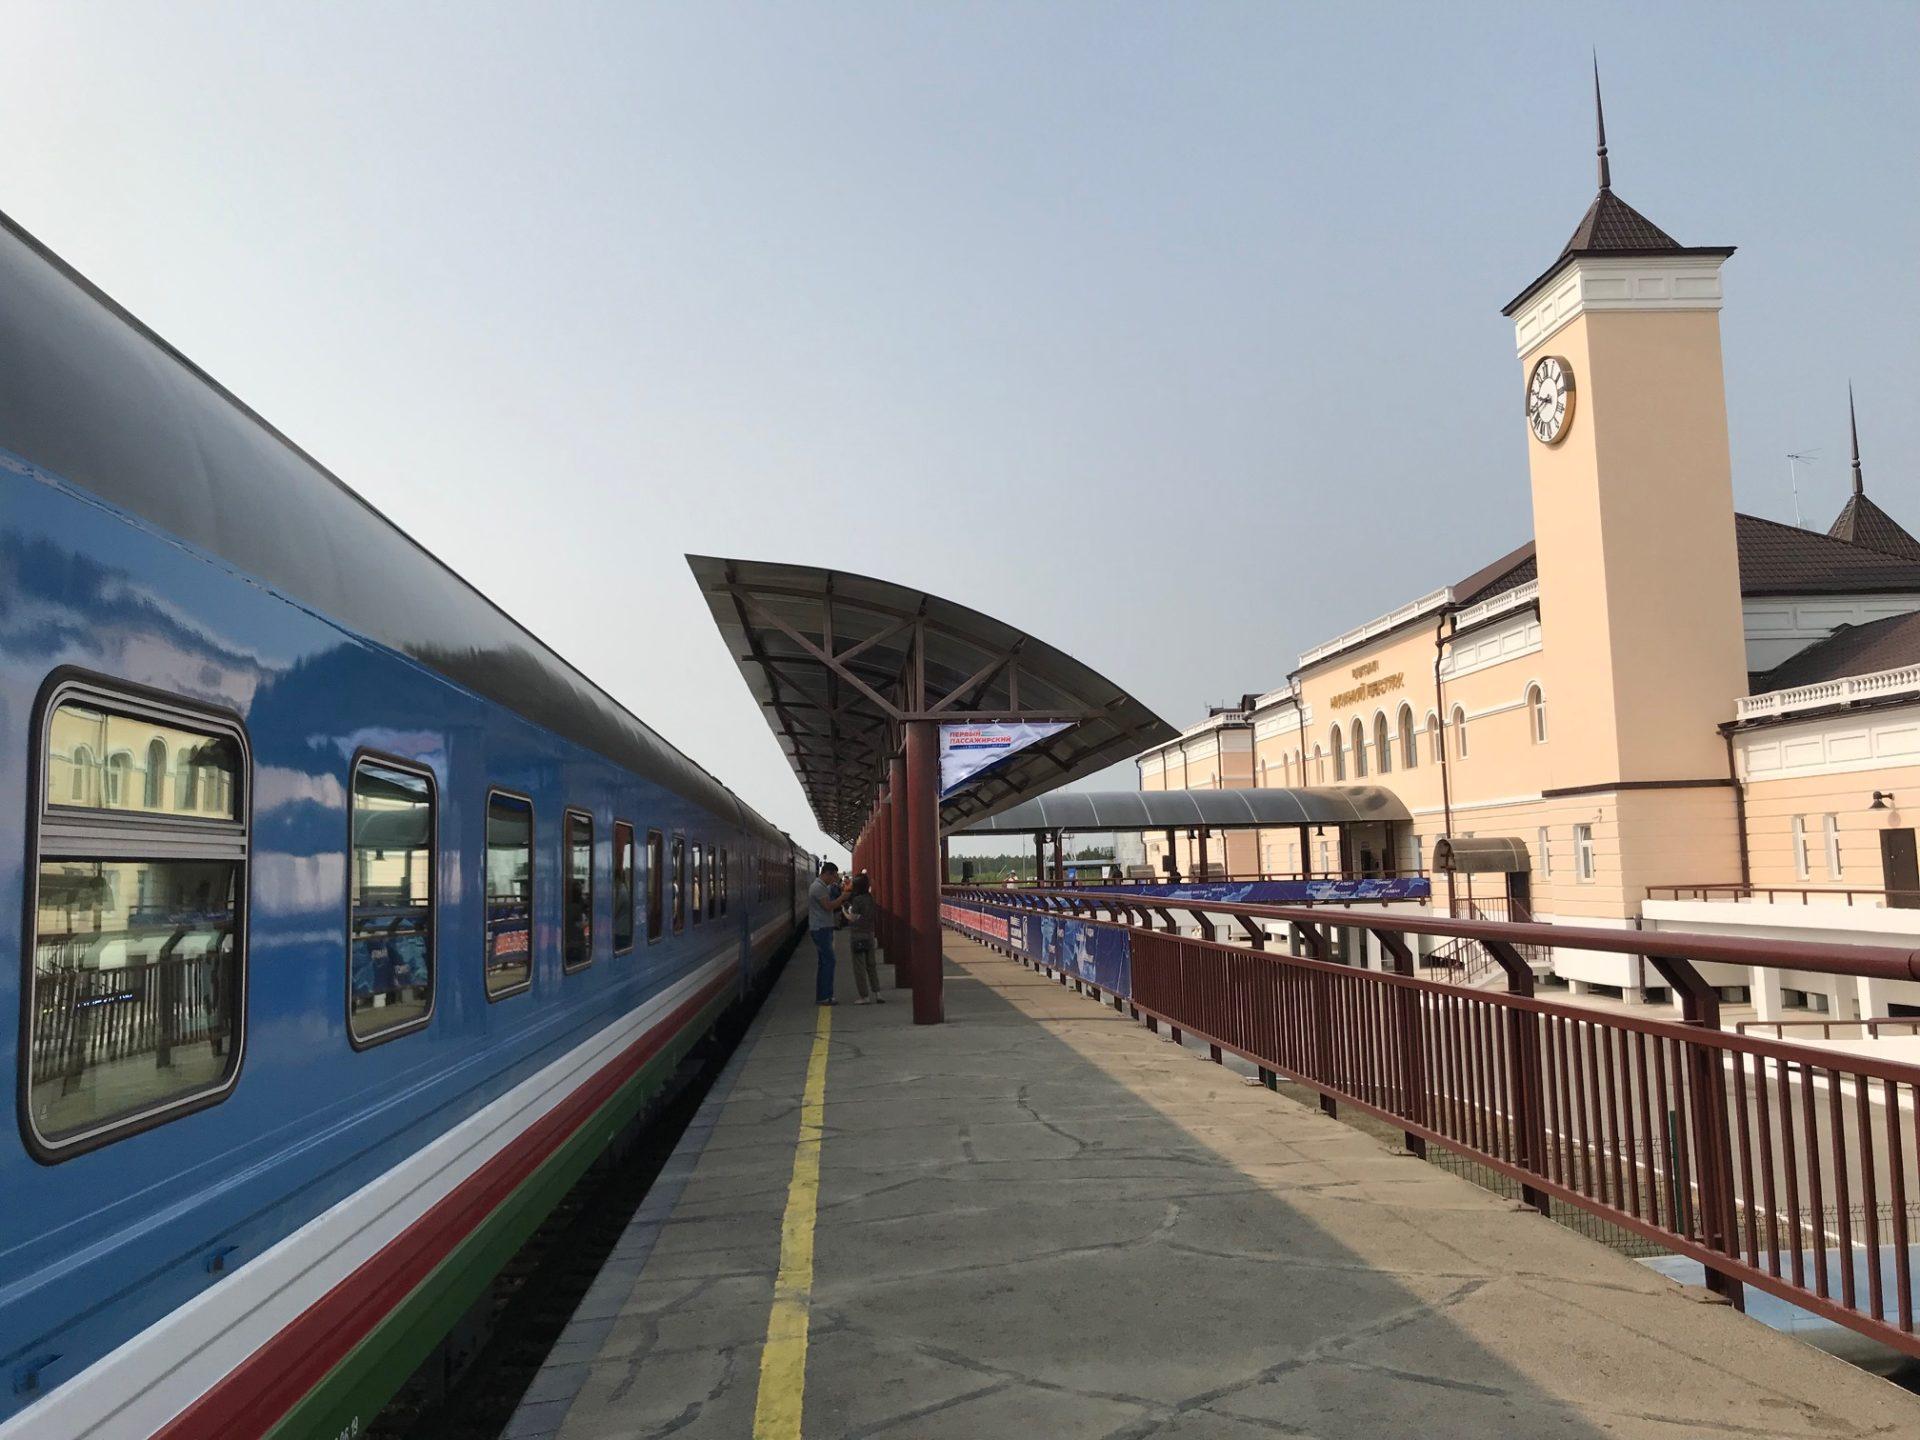 Со 2 июня 2020 года трансфер пассажиров поезда будет осуществляться с речного вокзала